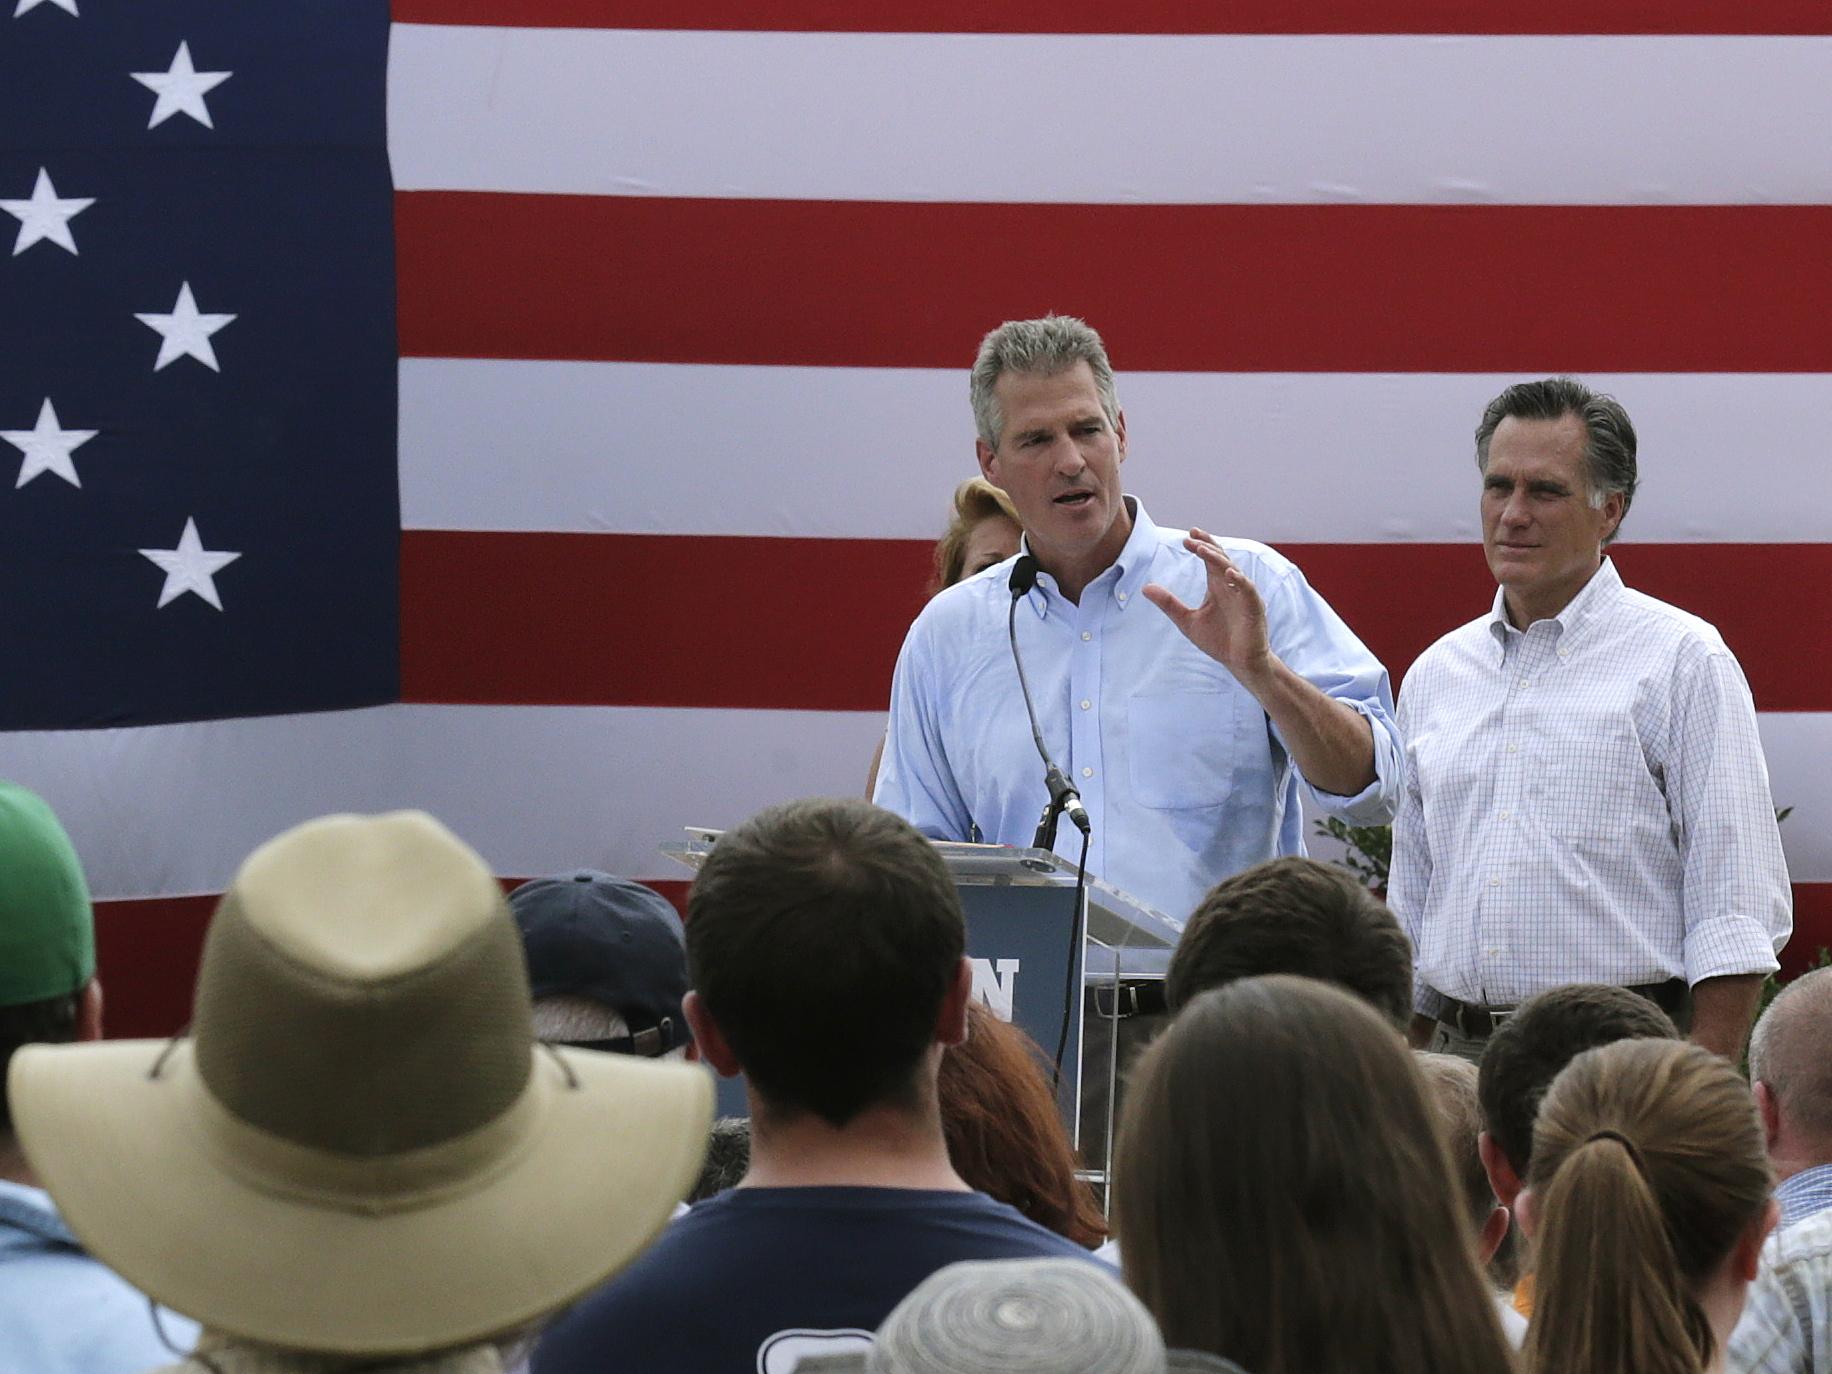 Romney New Hampshire